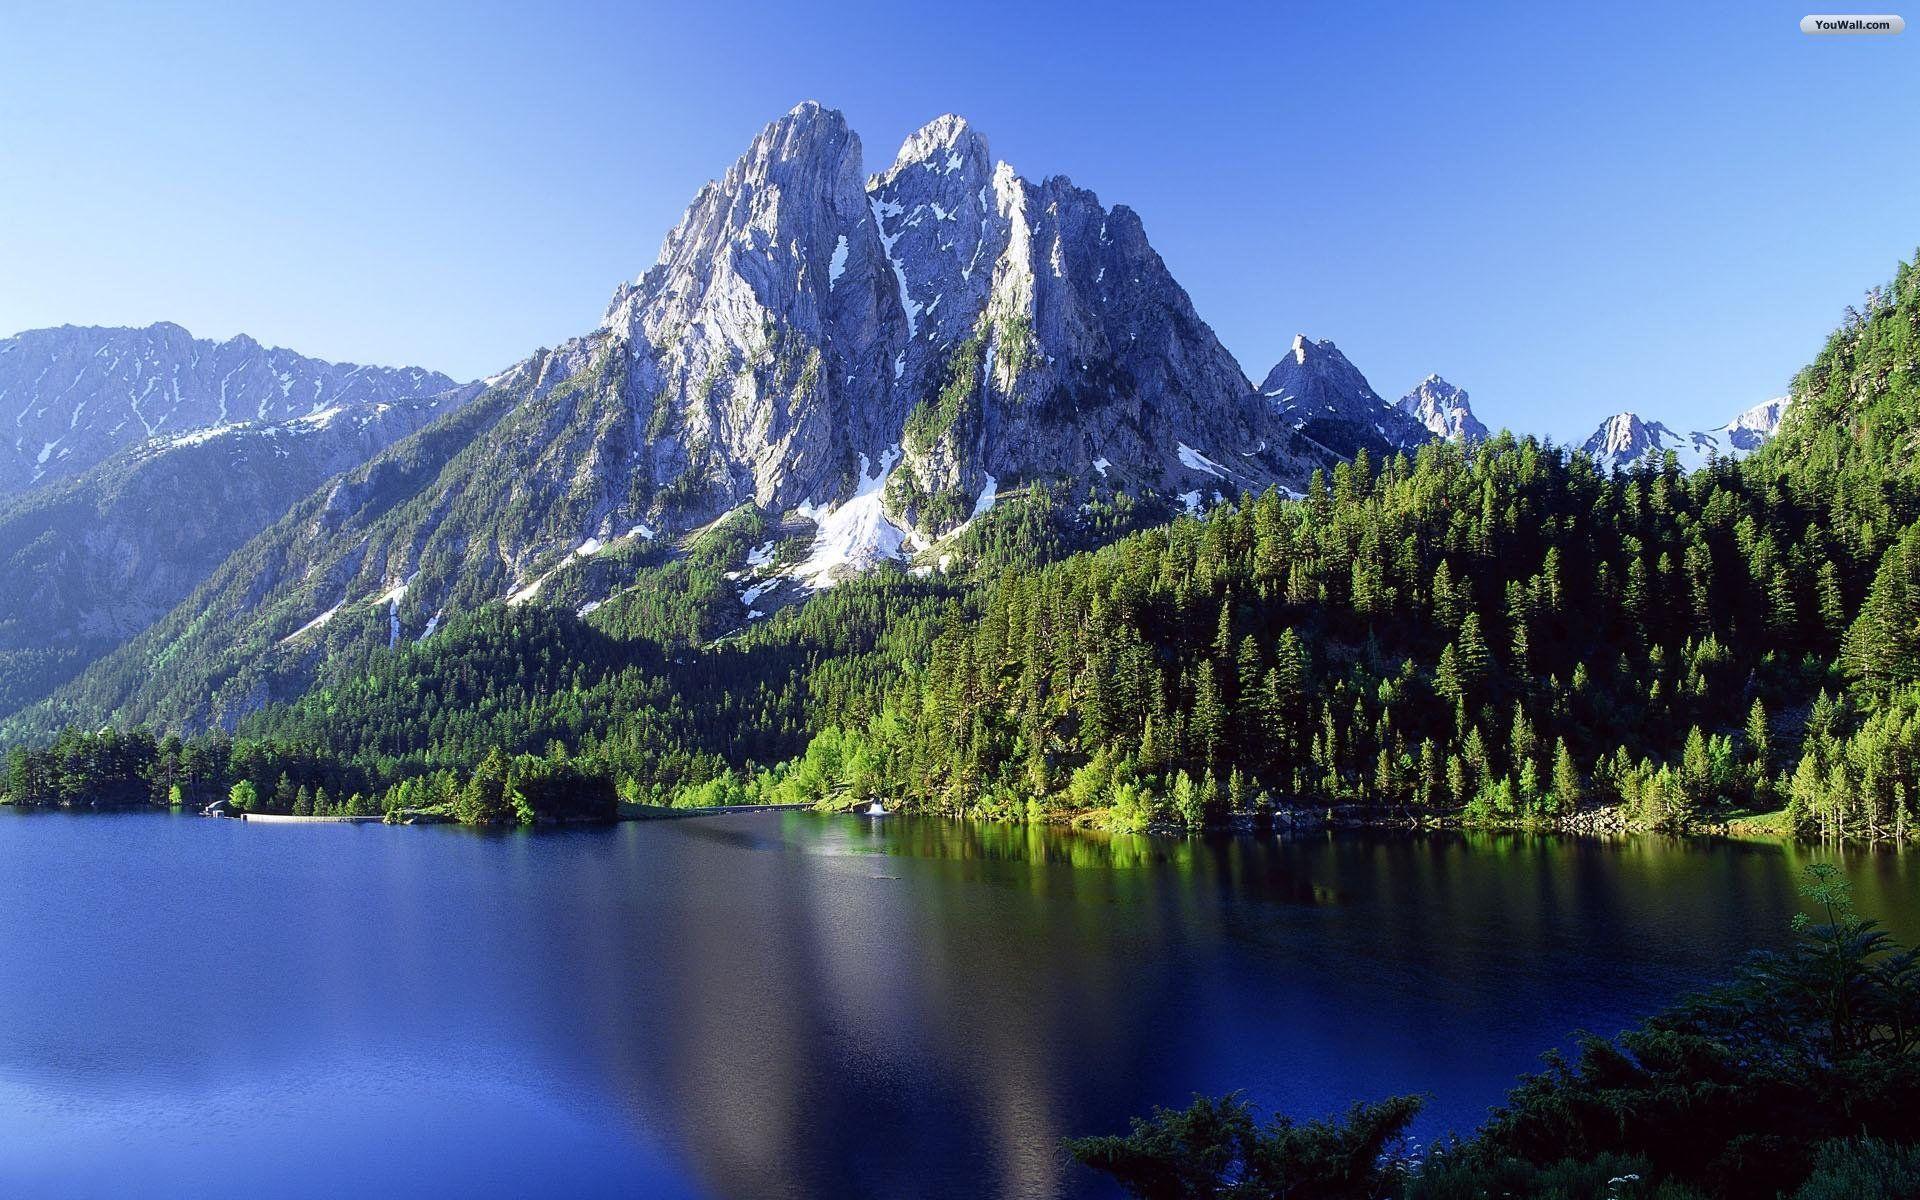 1920x1200 Hình nền núi đẹp Hình nền HD